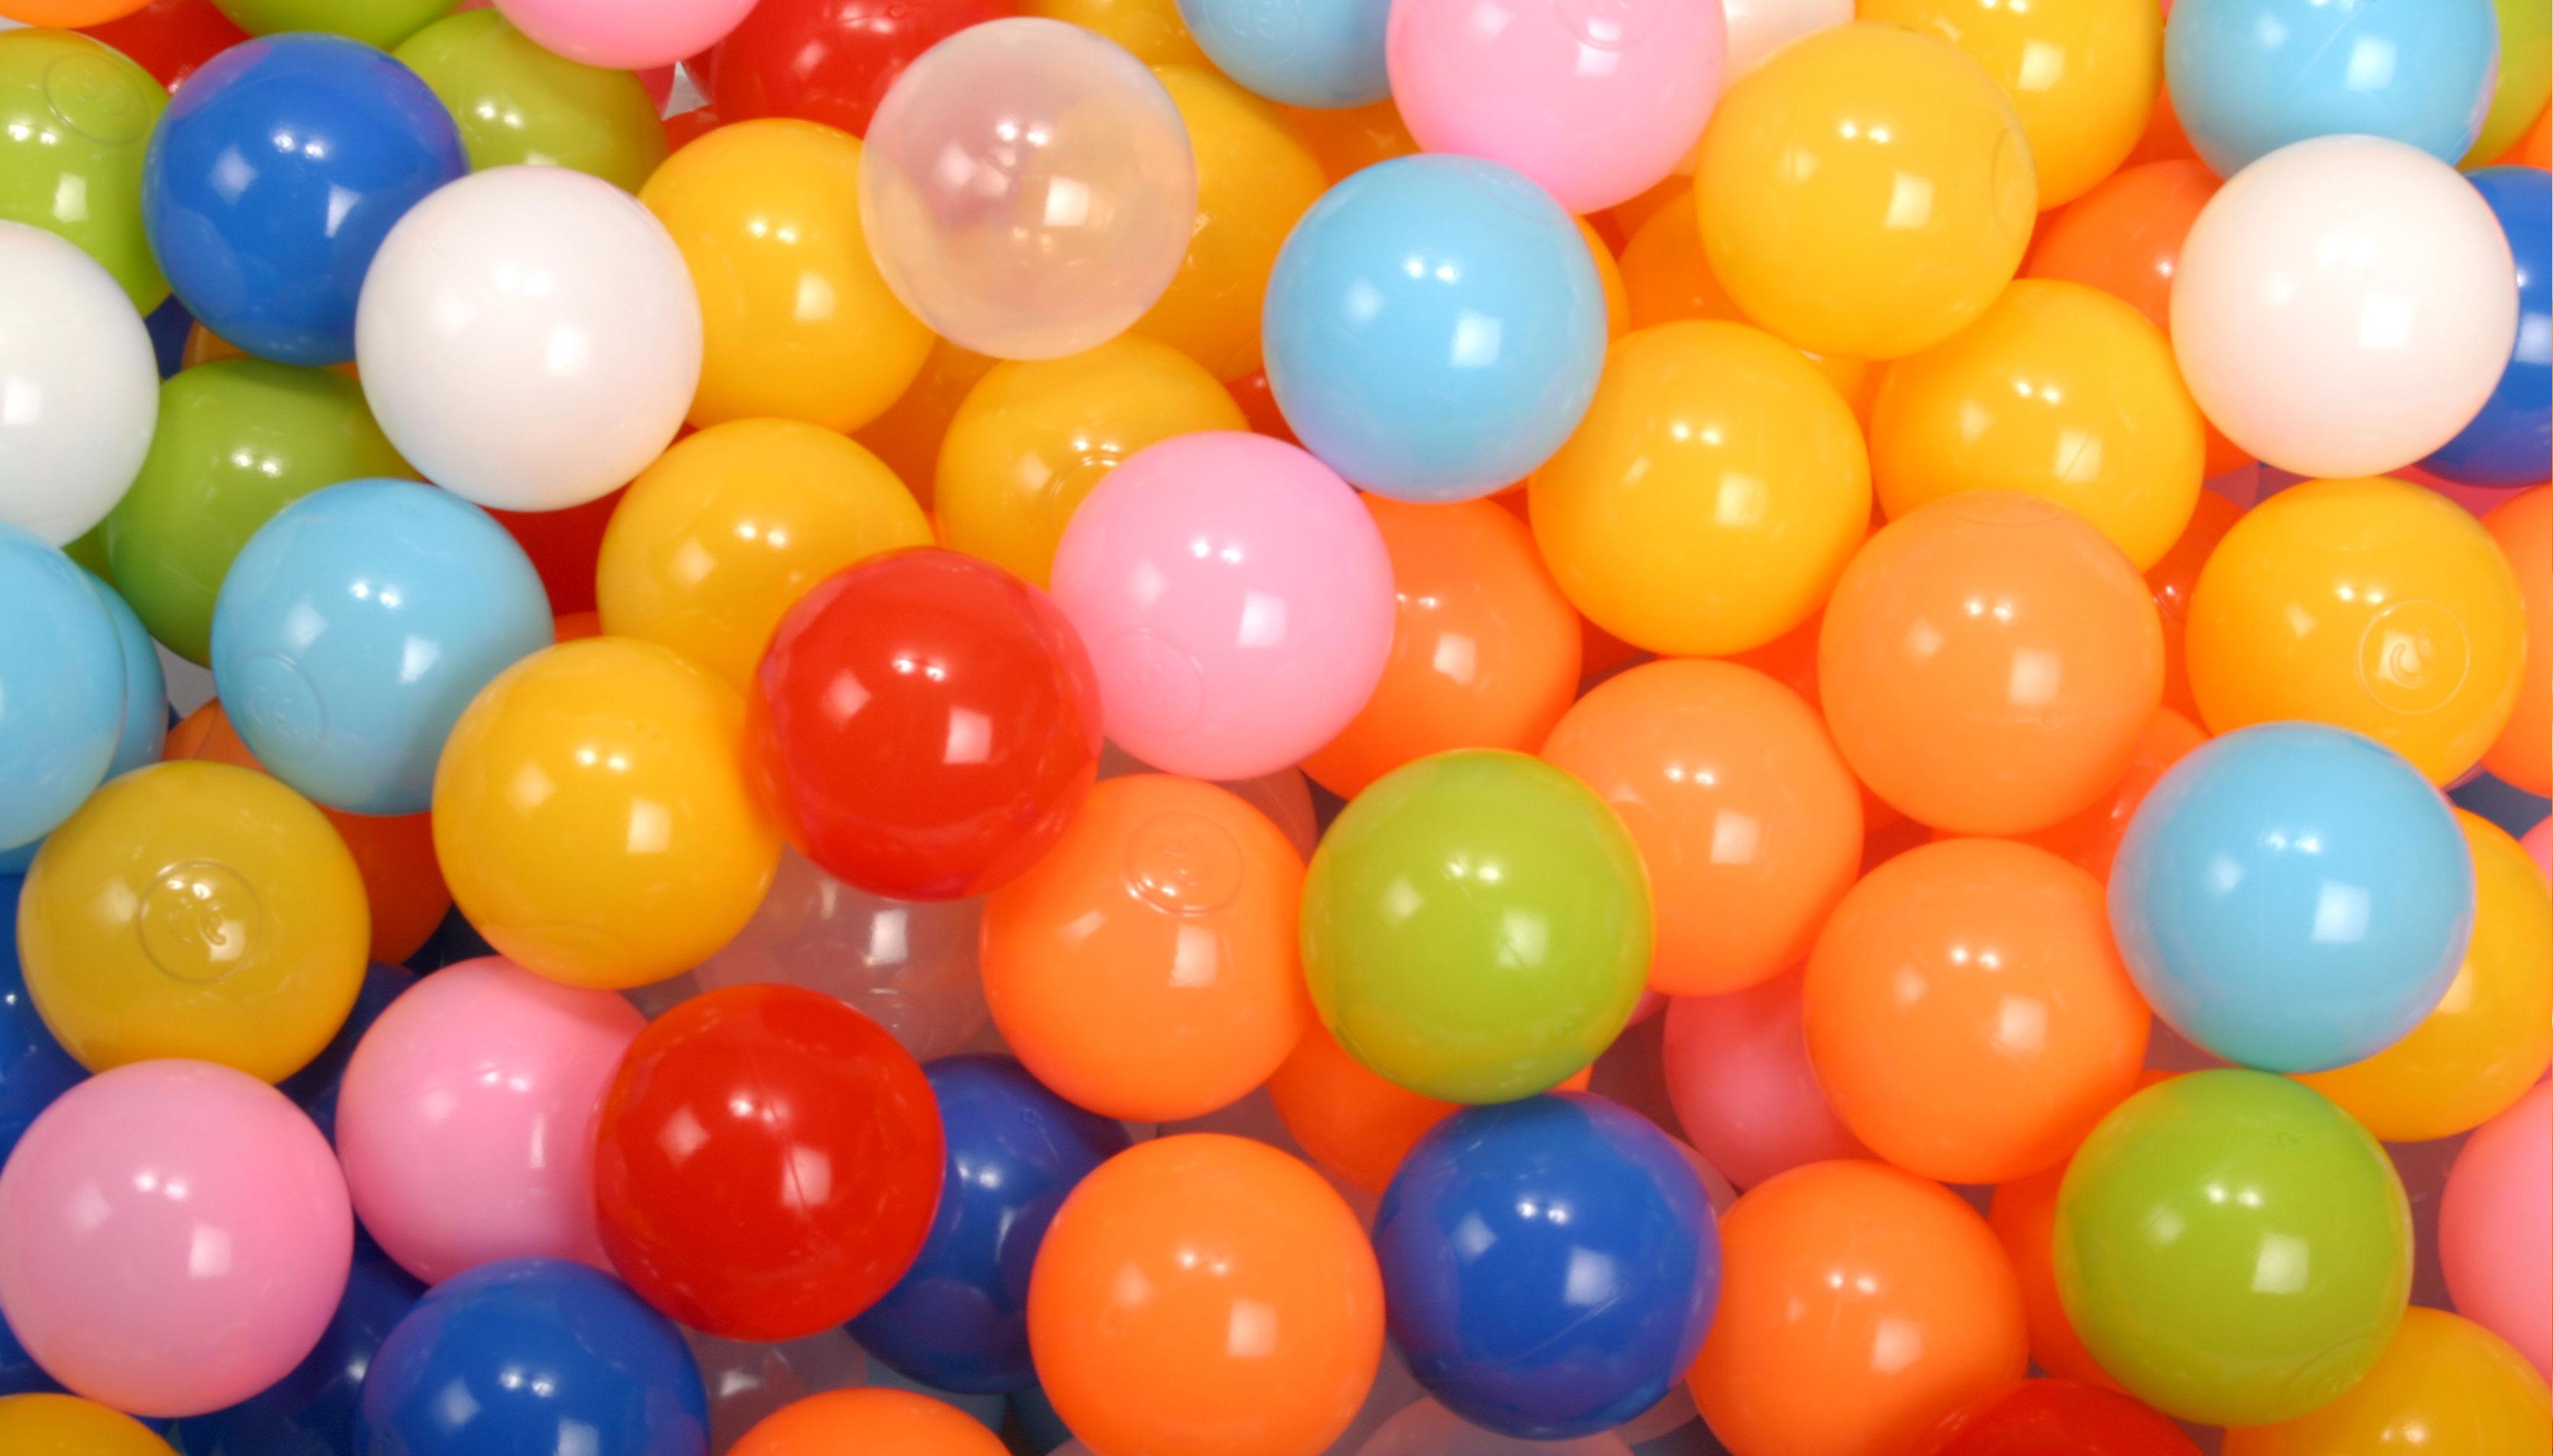 ボールプール用カラーボール ミックス ALL商品画像